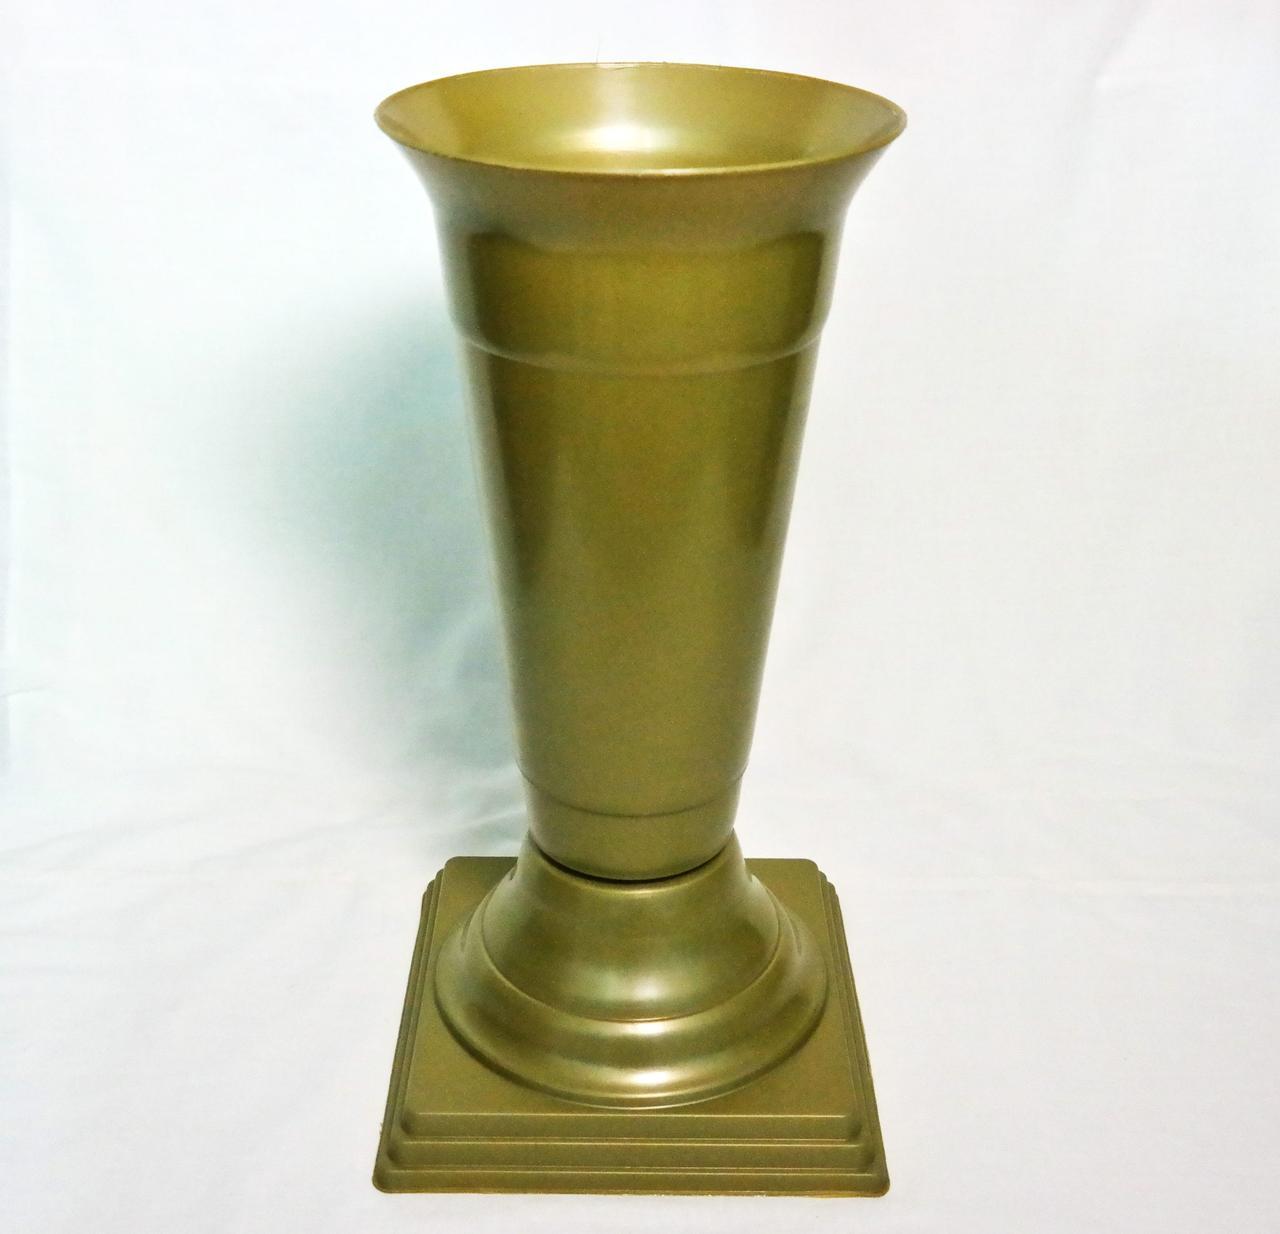 Флакон на ножке Золото диаметр 18 см 2,2 литра для цветов